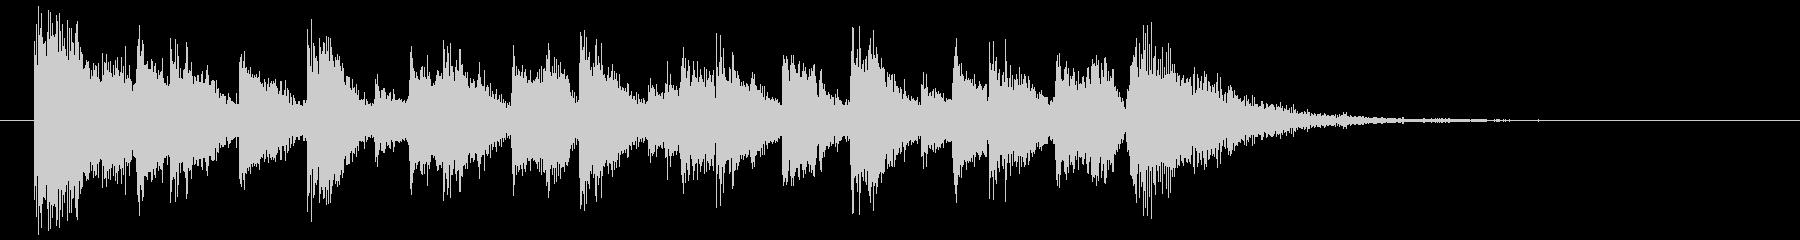 ダークエキサイティングK-POPジングルの未再生の波形